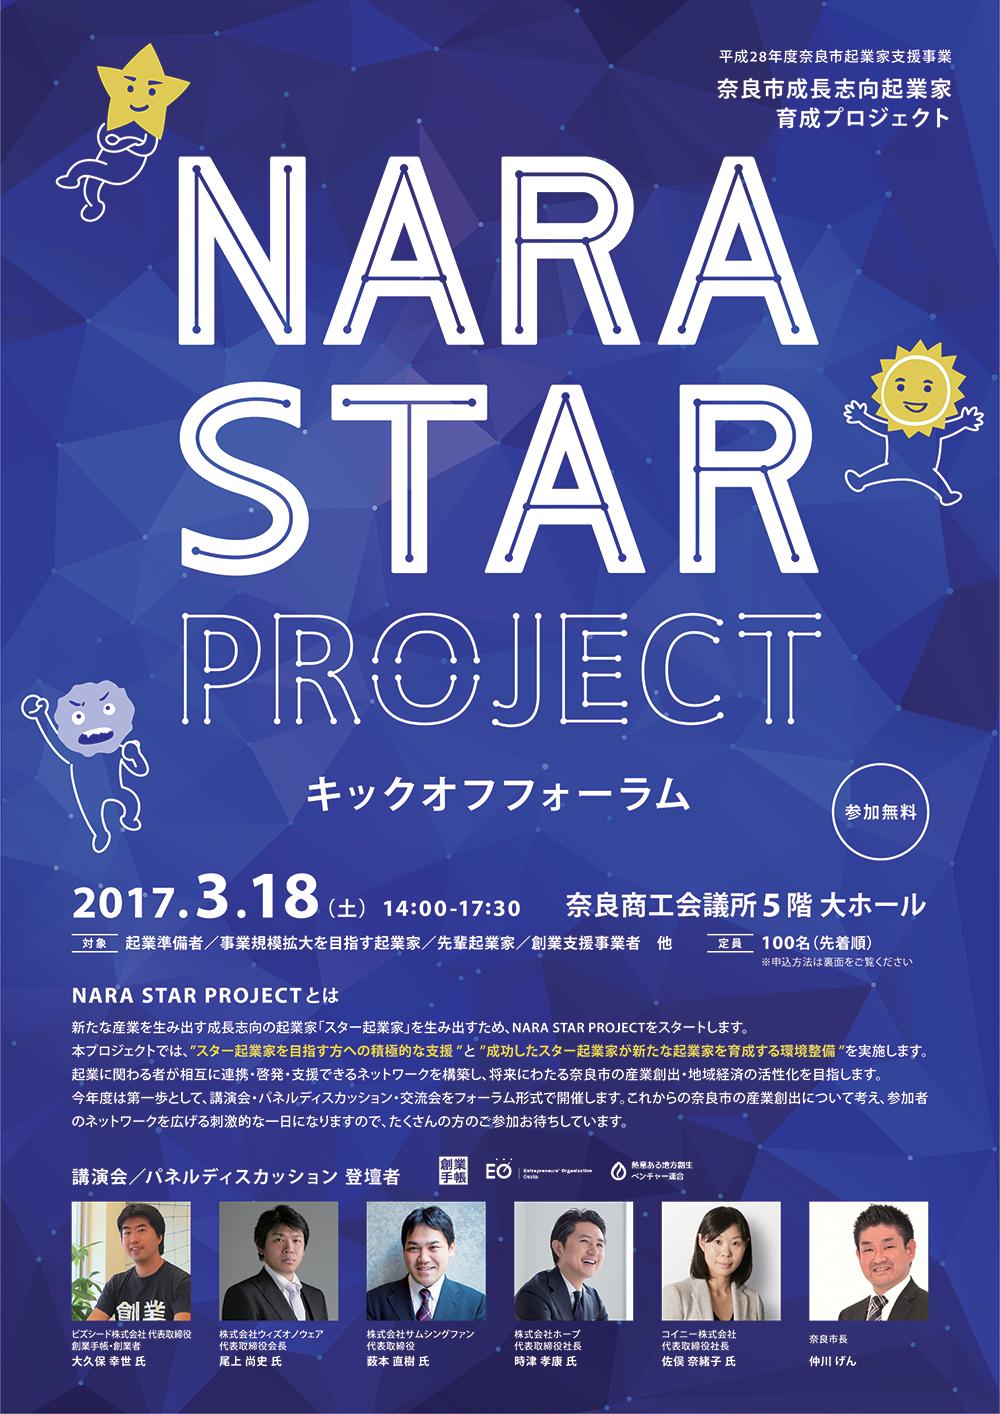 NARA_STAR_PROJECT_チラシ表